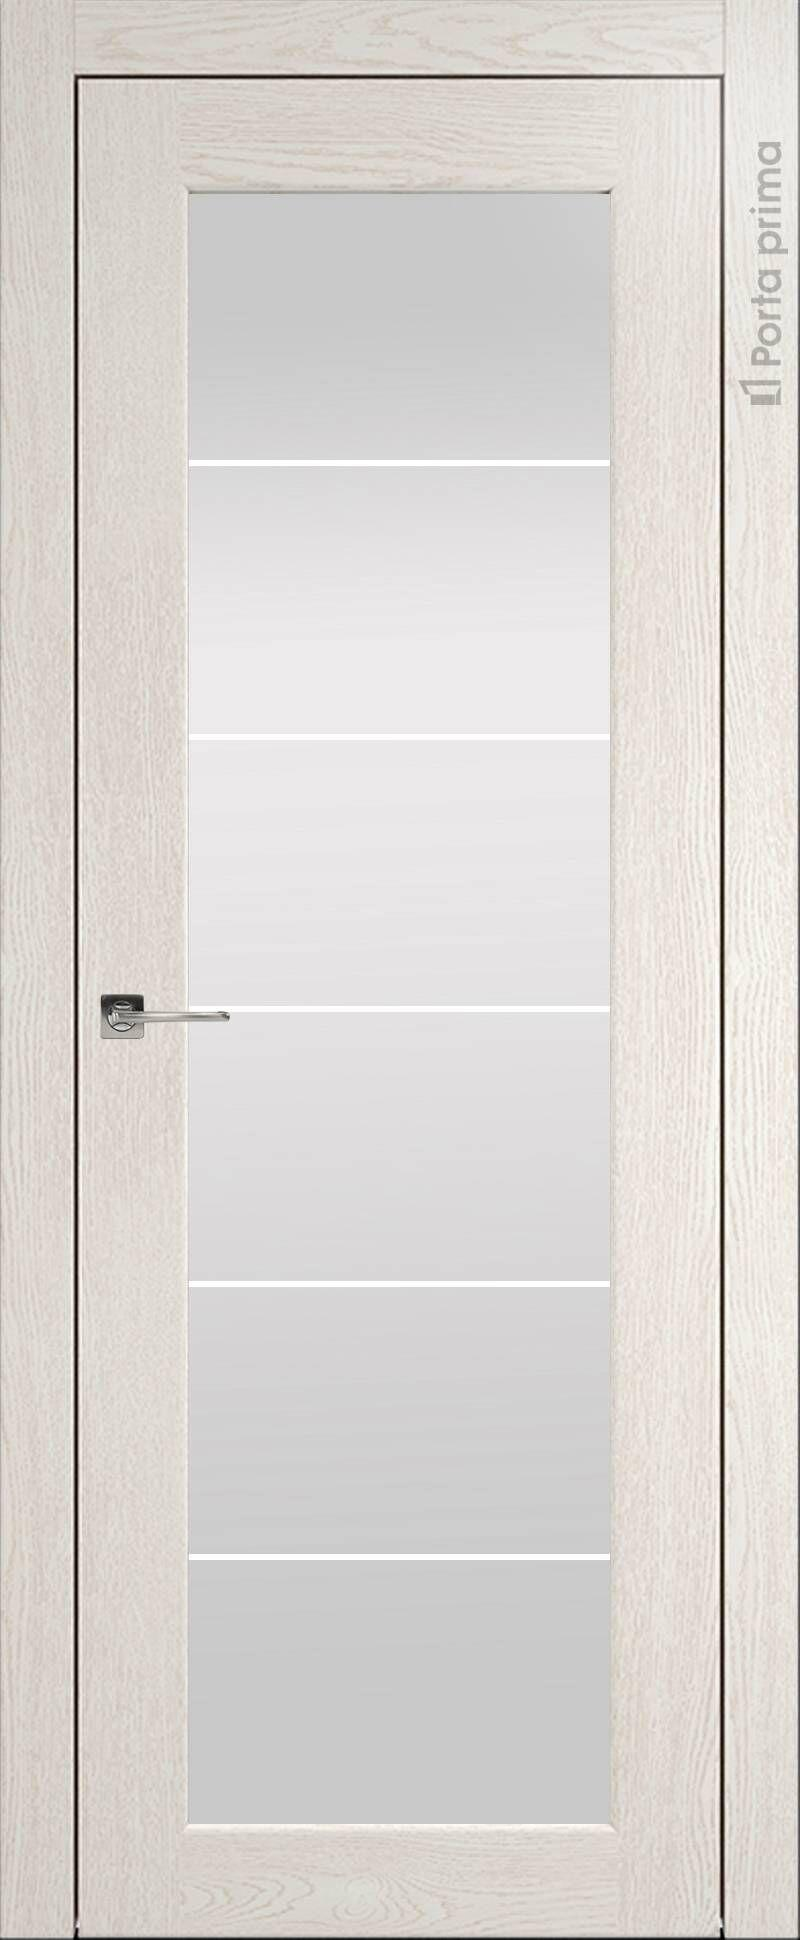 Sonata цвет - Белый ясень Со стеклом (ДО)